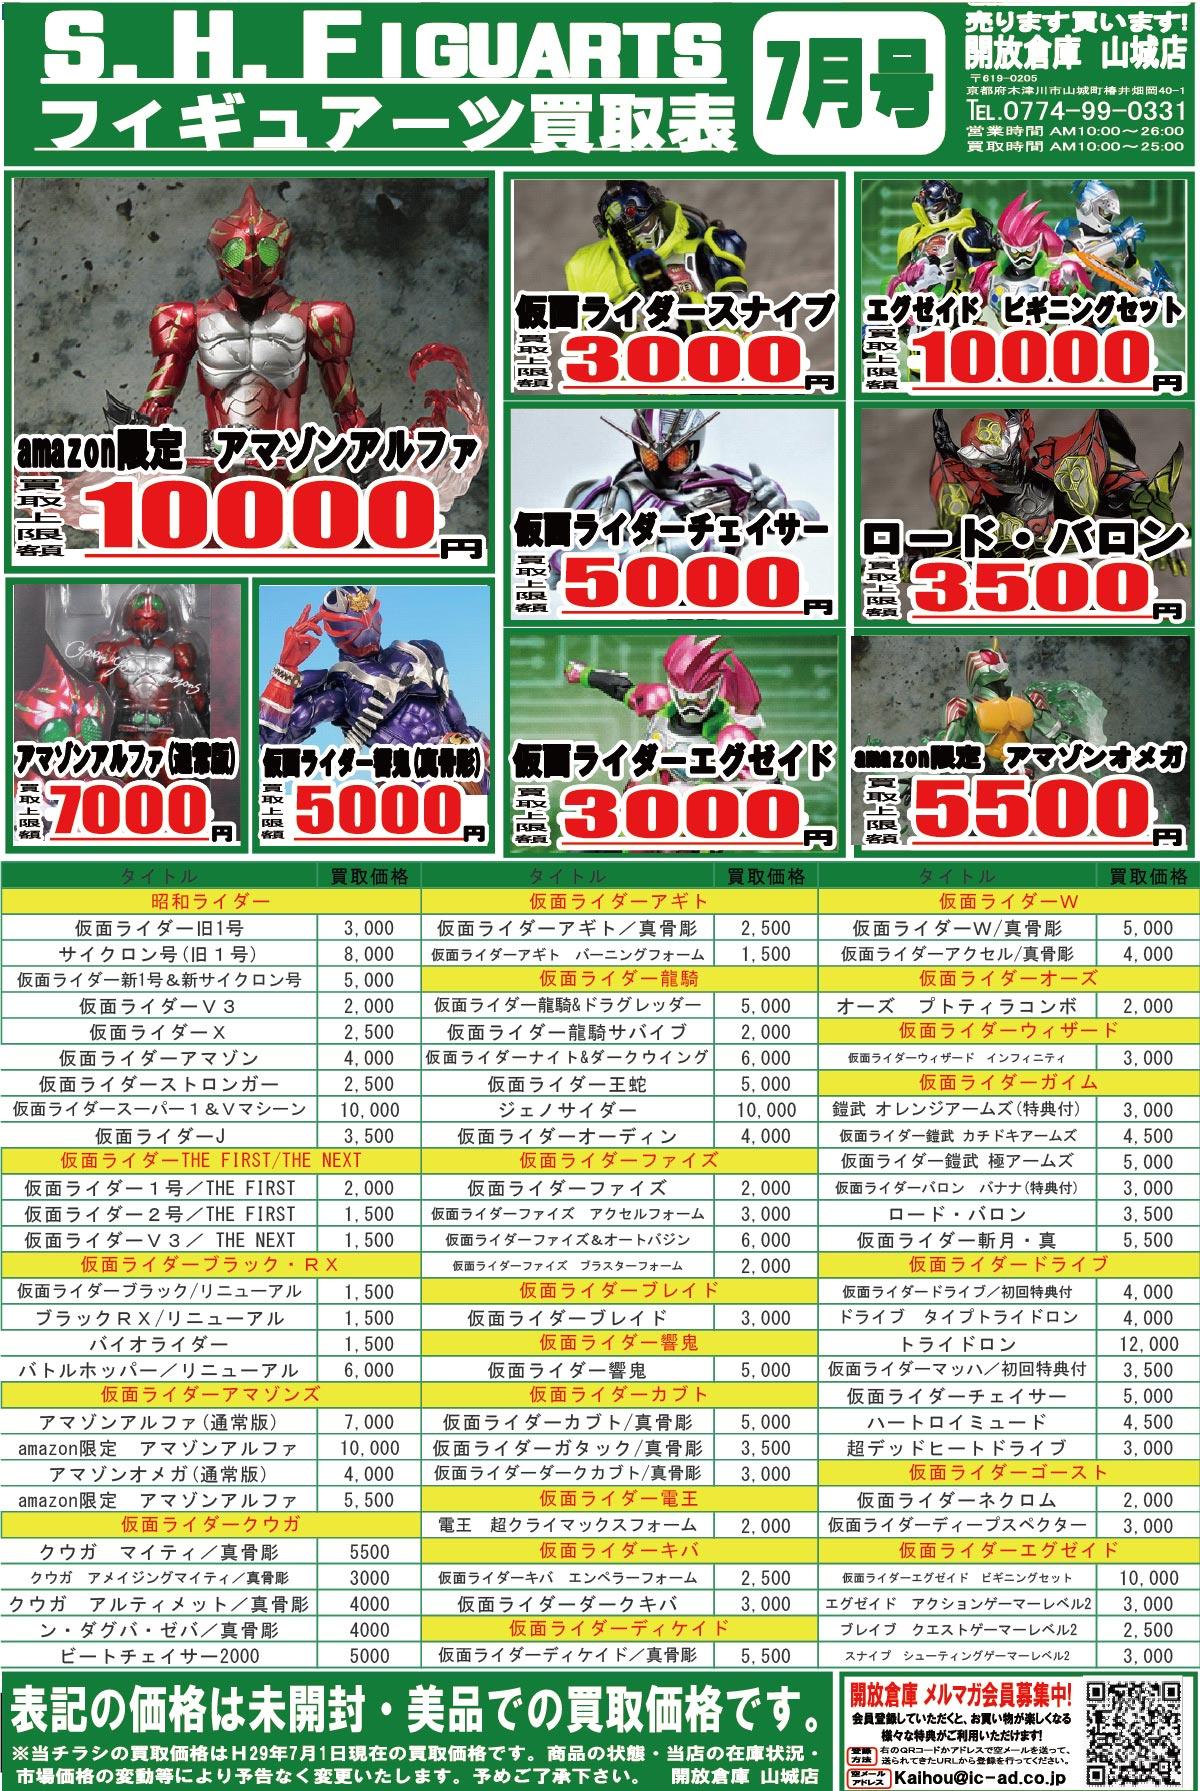 「開放倉庫山城店」7月号仮面ライダーフィギュアーツ買取表更新しました!